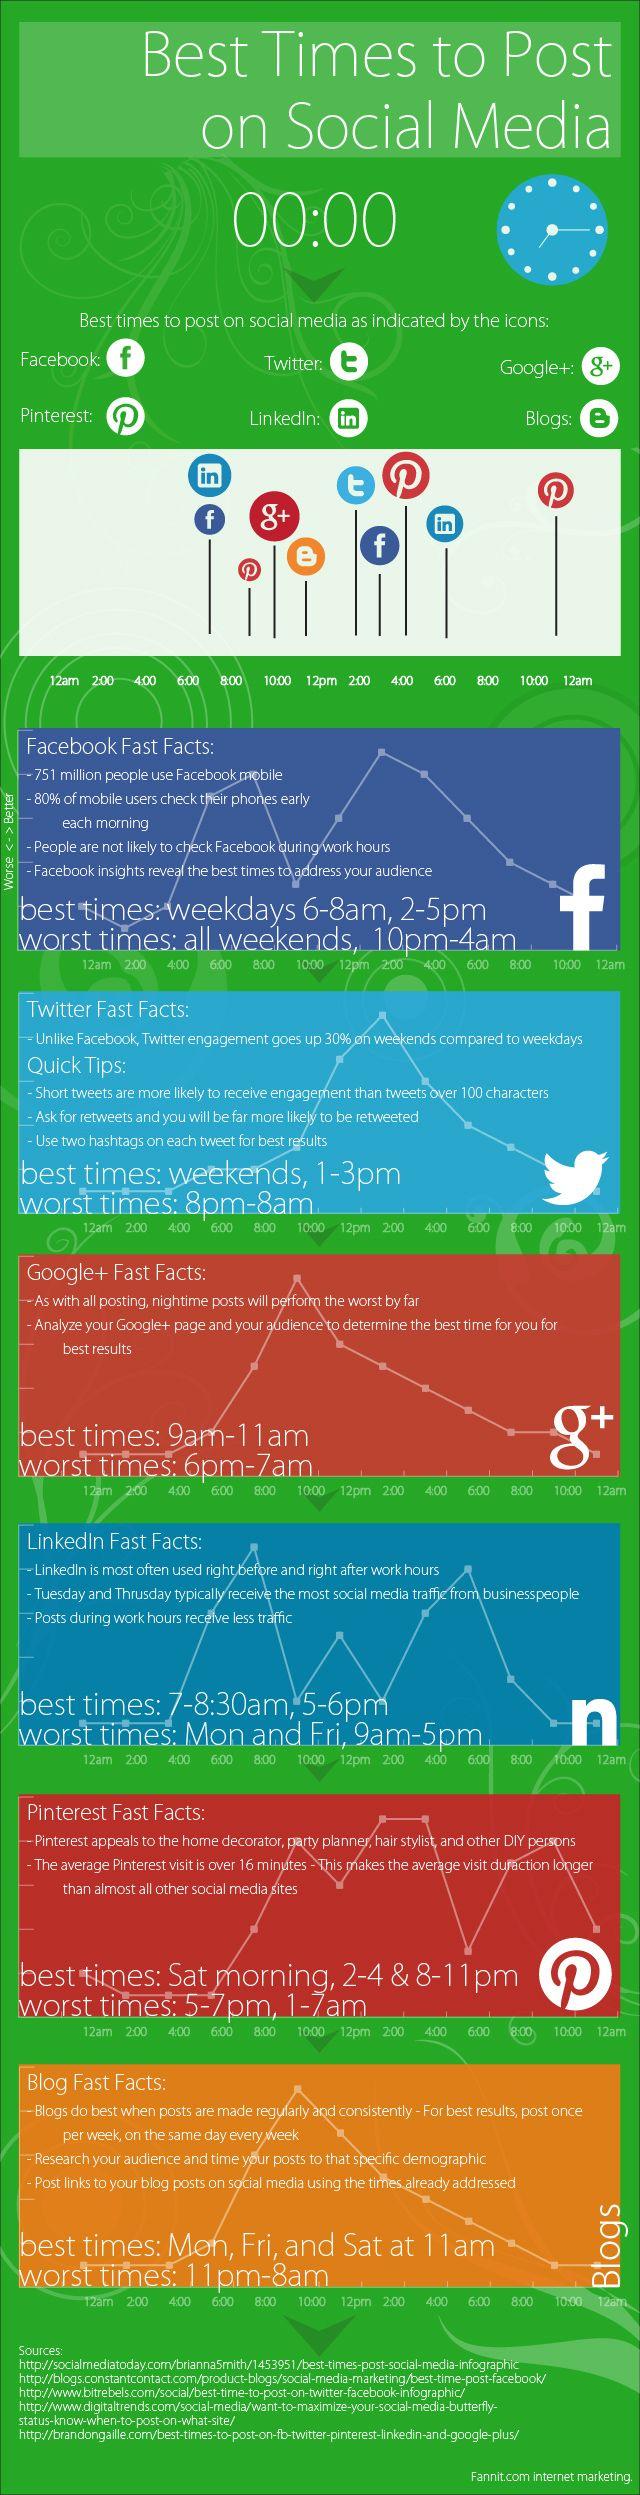 momento-migliore-per-pubblicare-nei-social (2)